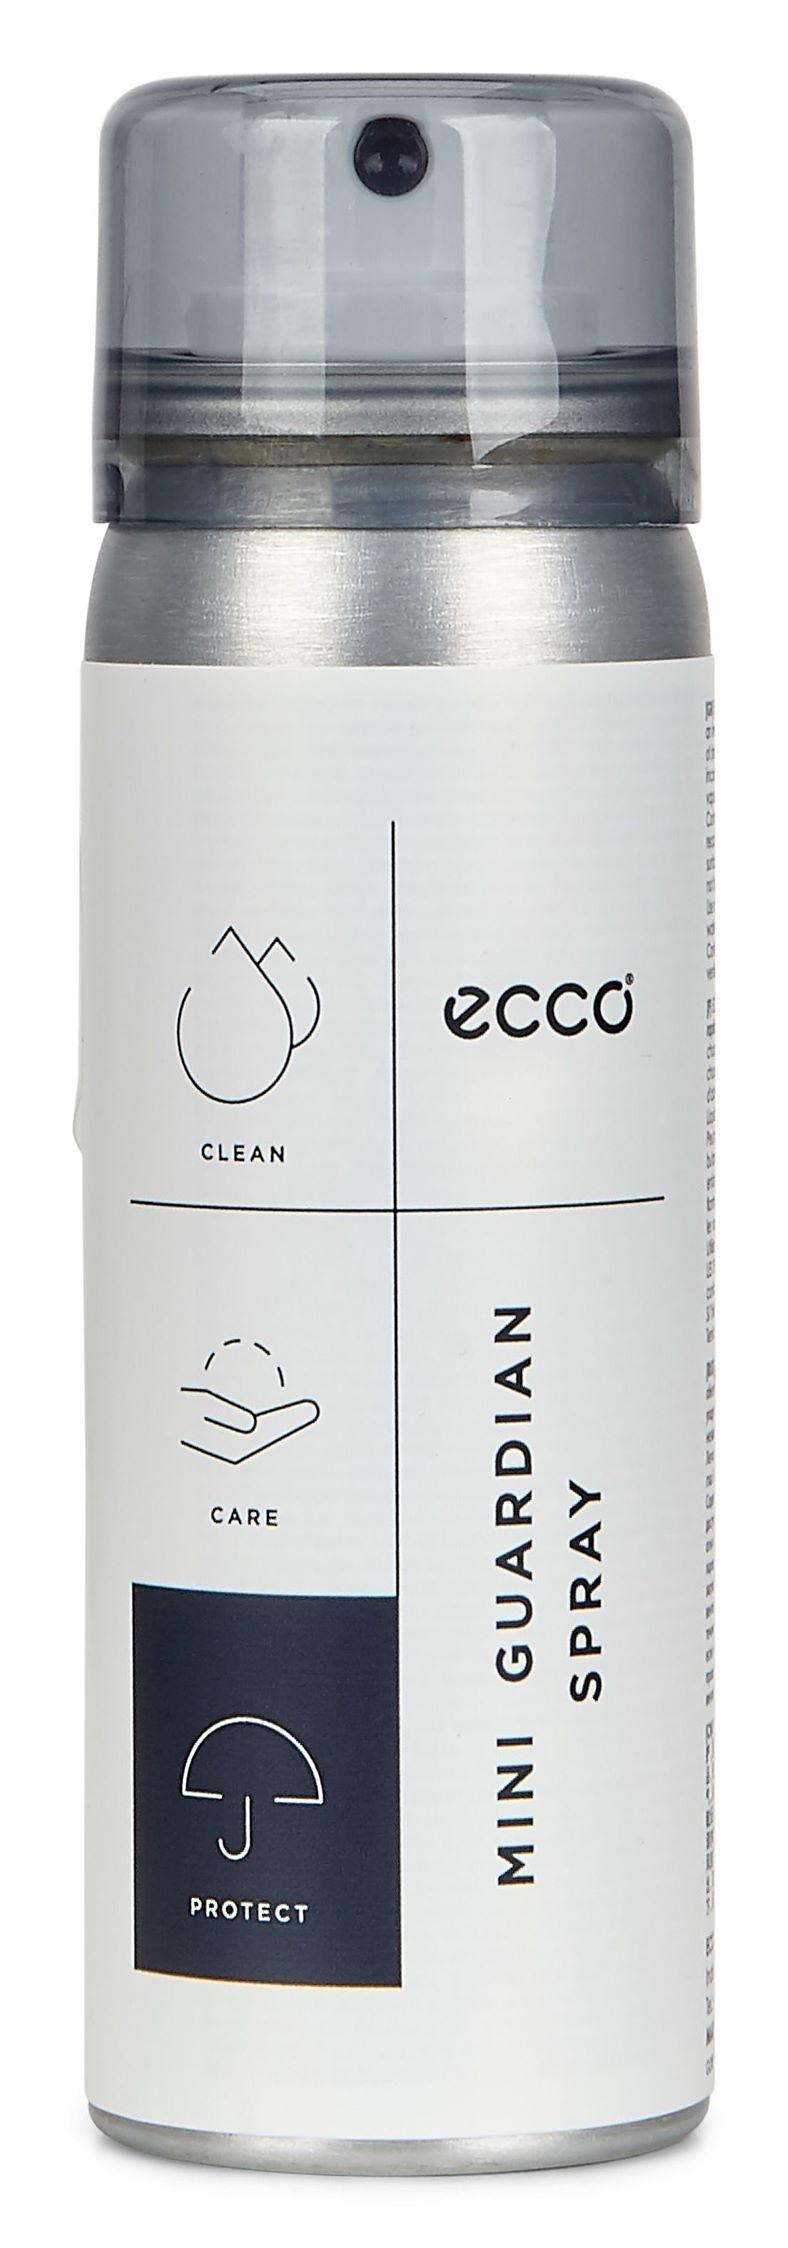 Mini Guardian Spray (White)